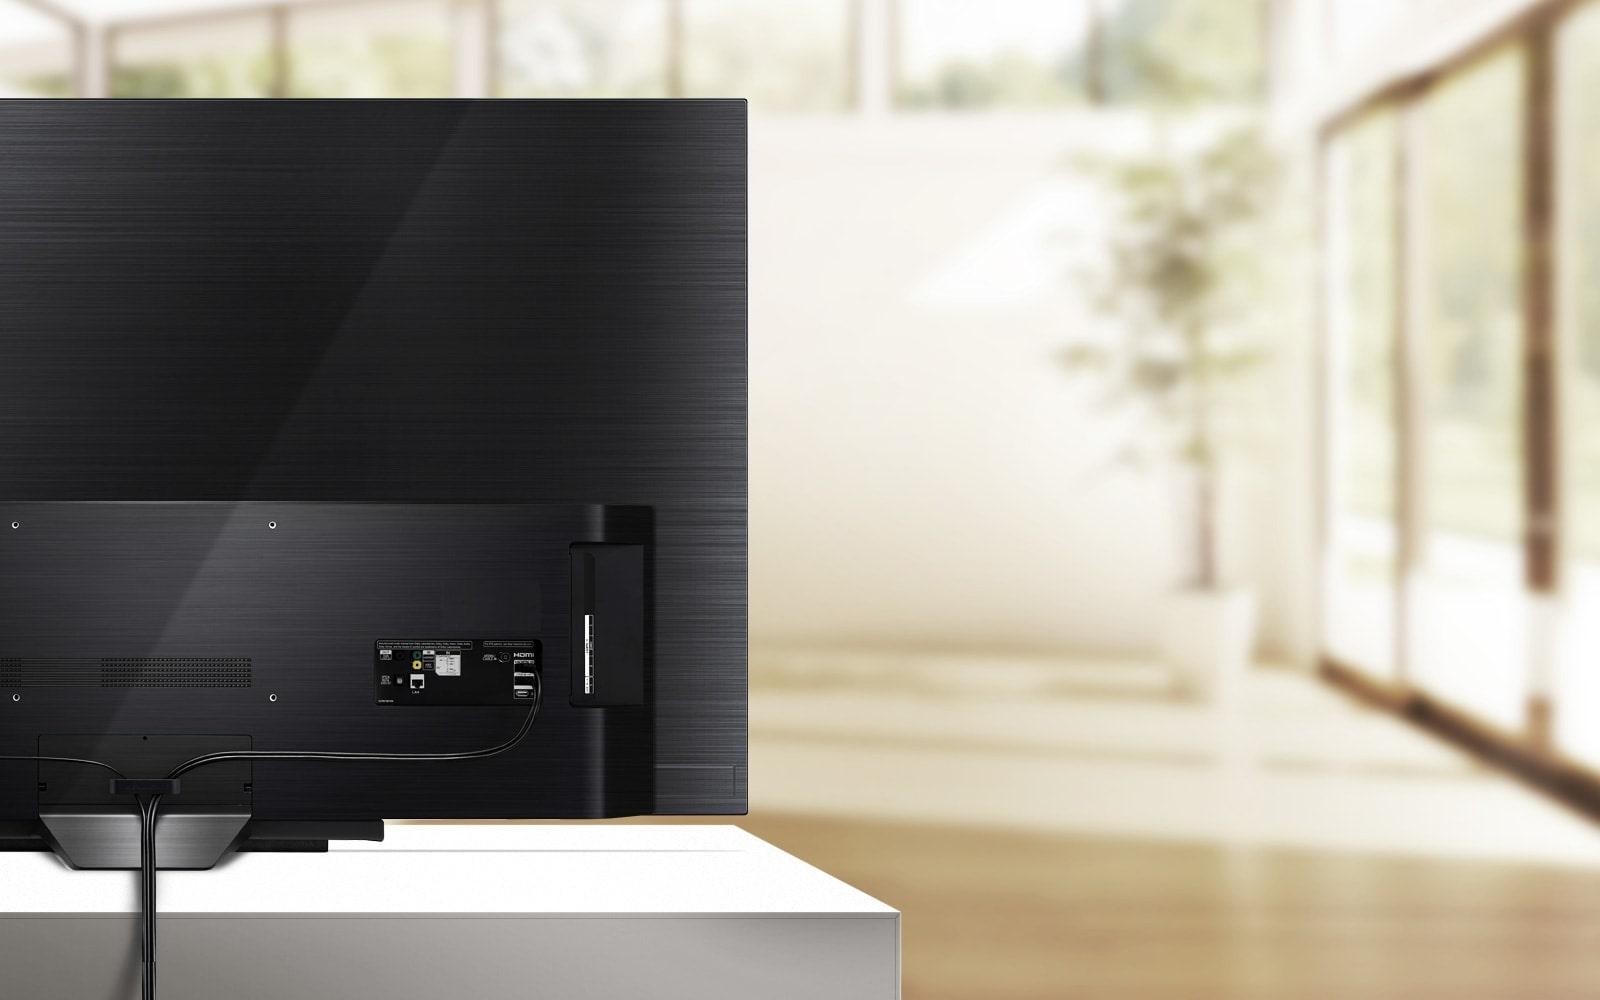 TV-OLED-B9-07-Cable-Management-Desktop